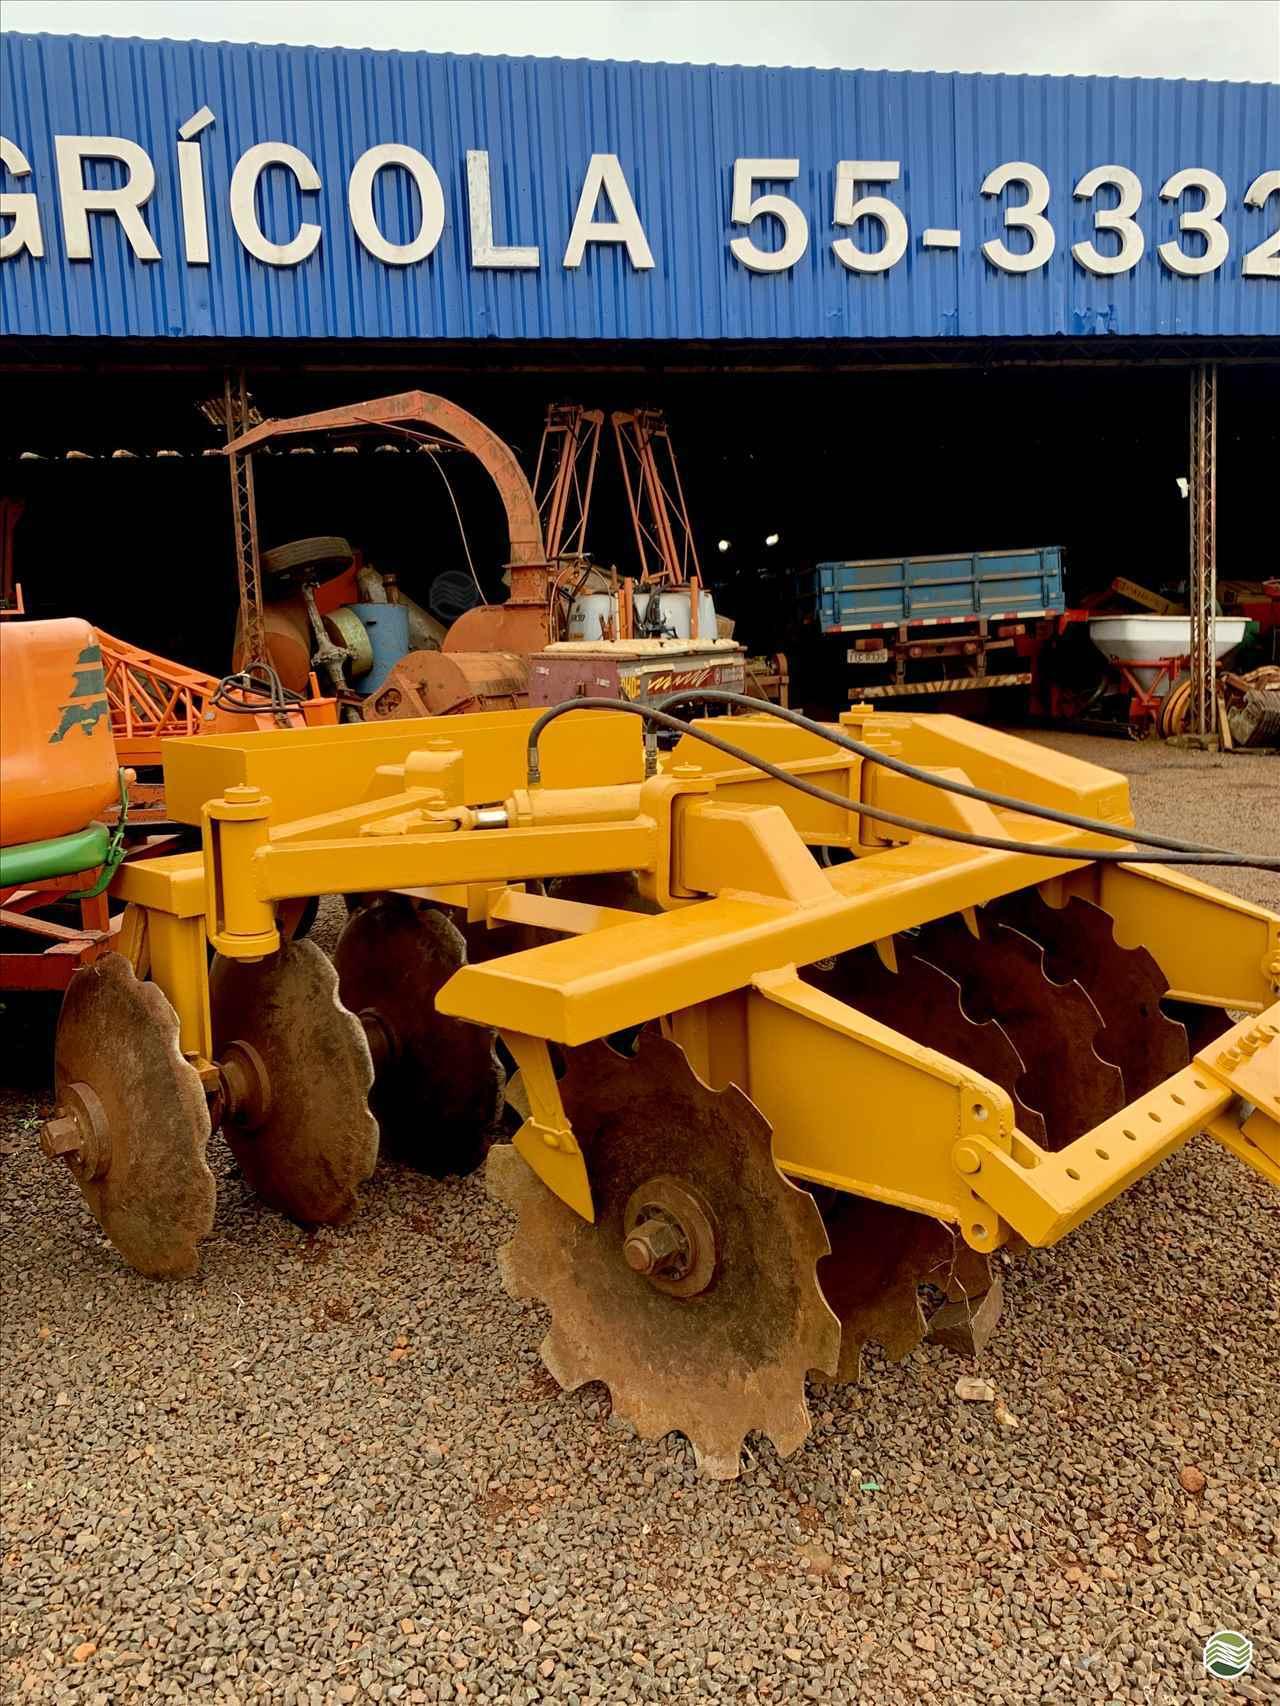 GRADE ARADORA ARADORA 12 DISCOS  2000 Gobo Implementos Agrícolas